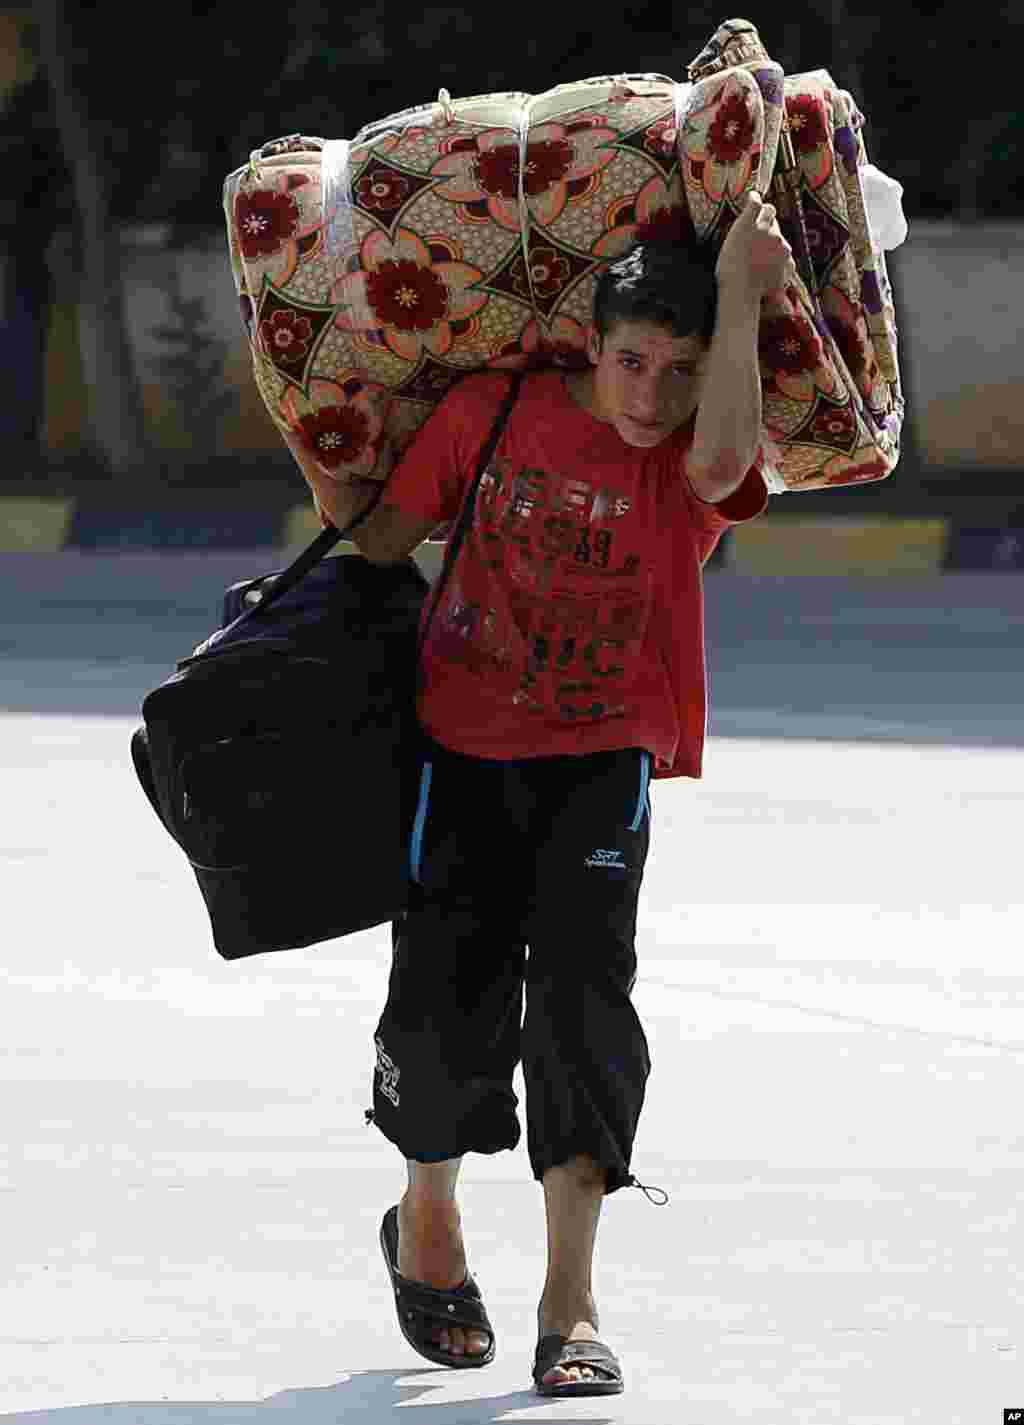 지난달 30일 시리아 난민 소년이 짐보따리를 이고 터키 국경 검문소를 지나고 있다.